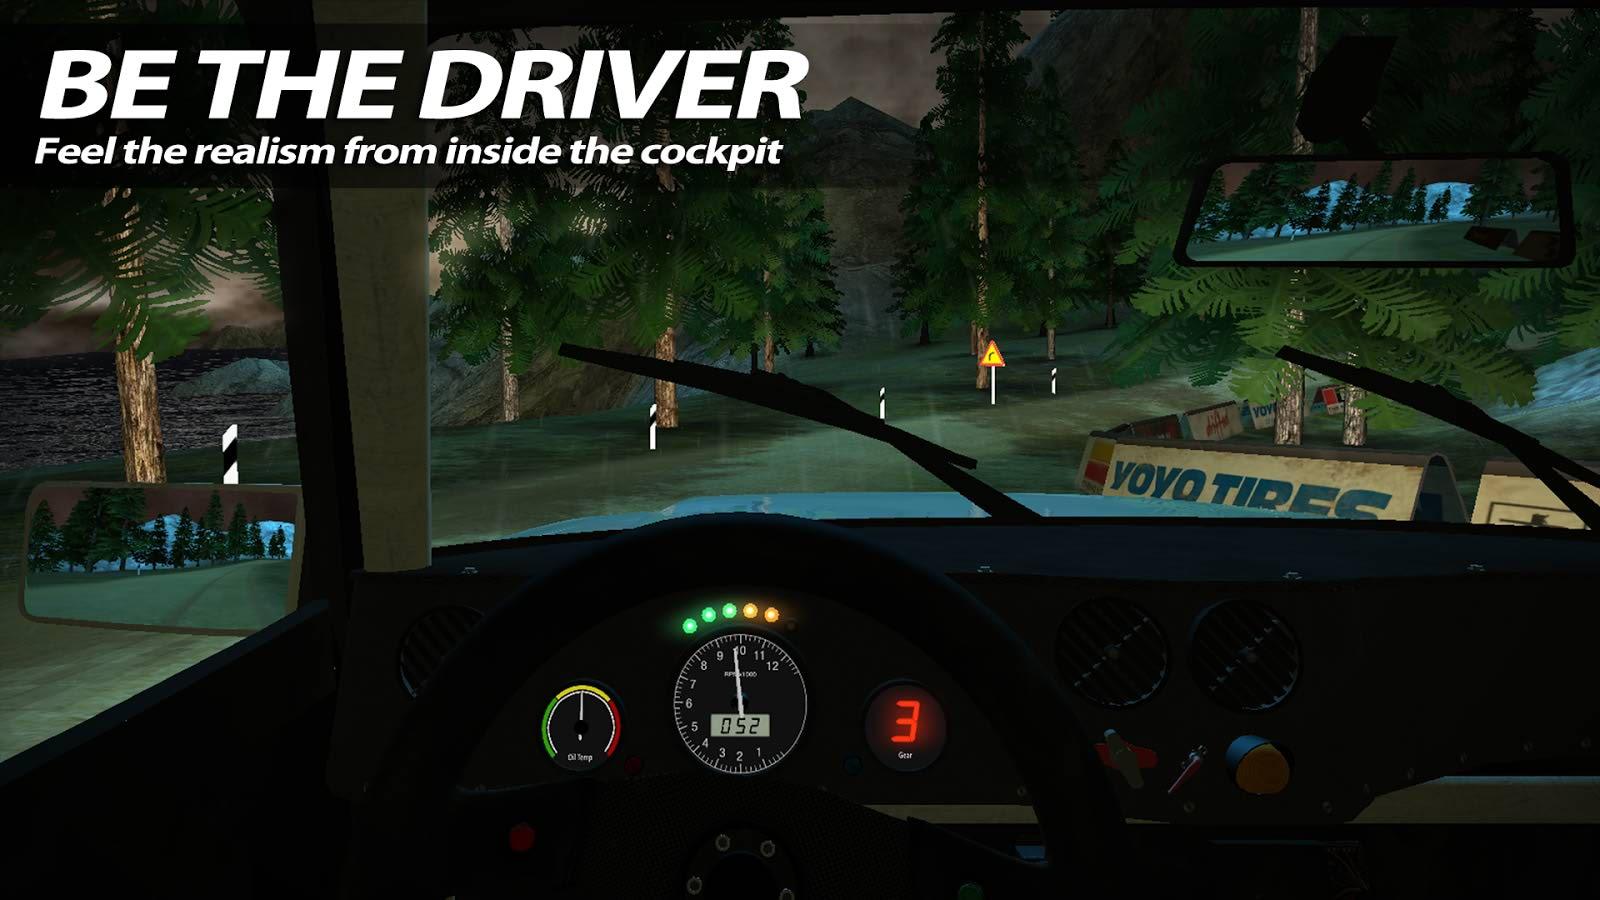 دانلود برترین بازی رالی برای اندروید Rush Rally 2 با لینک مستقیم